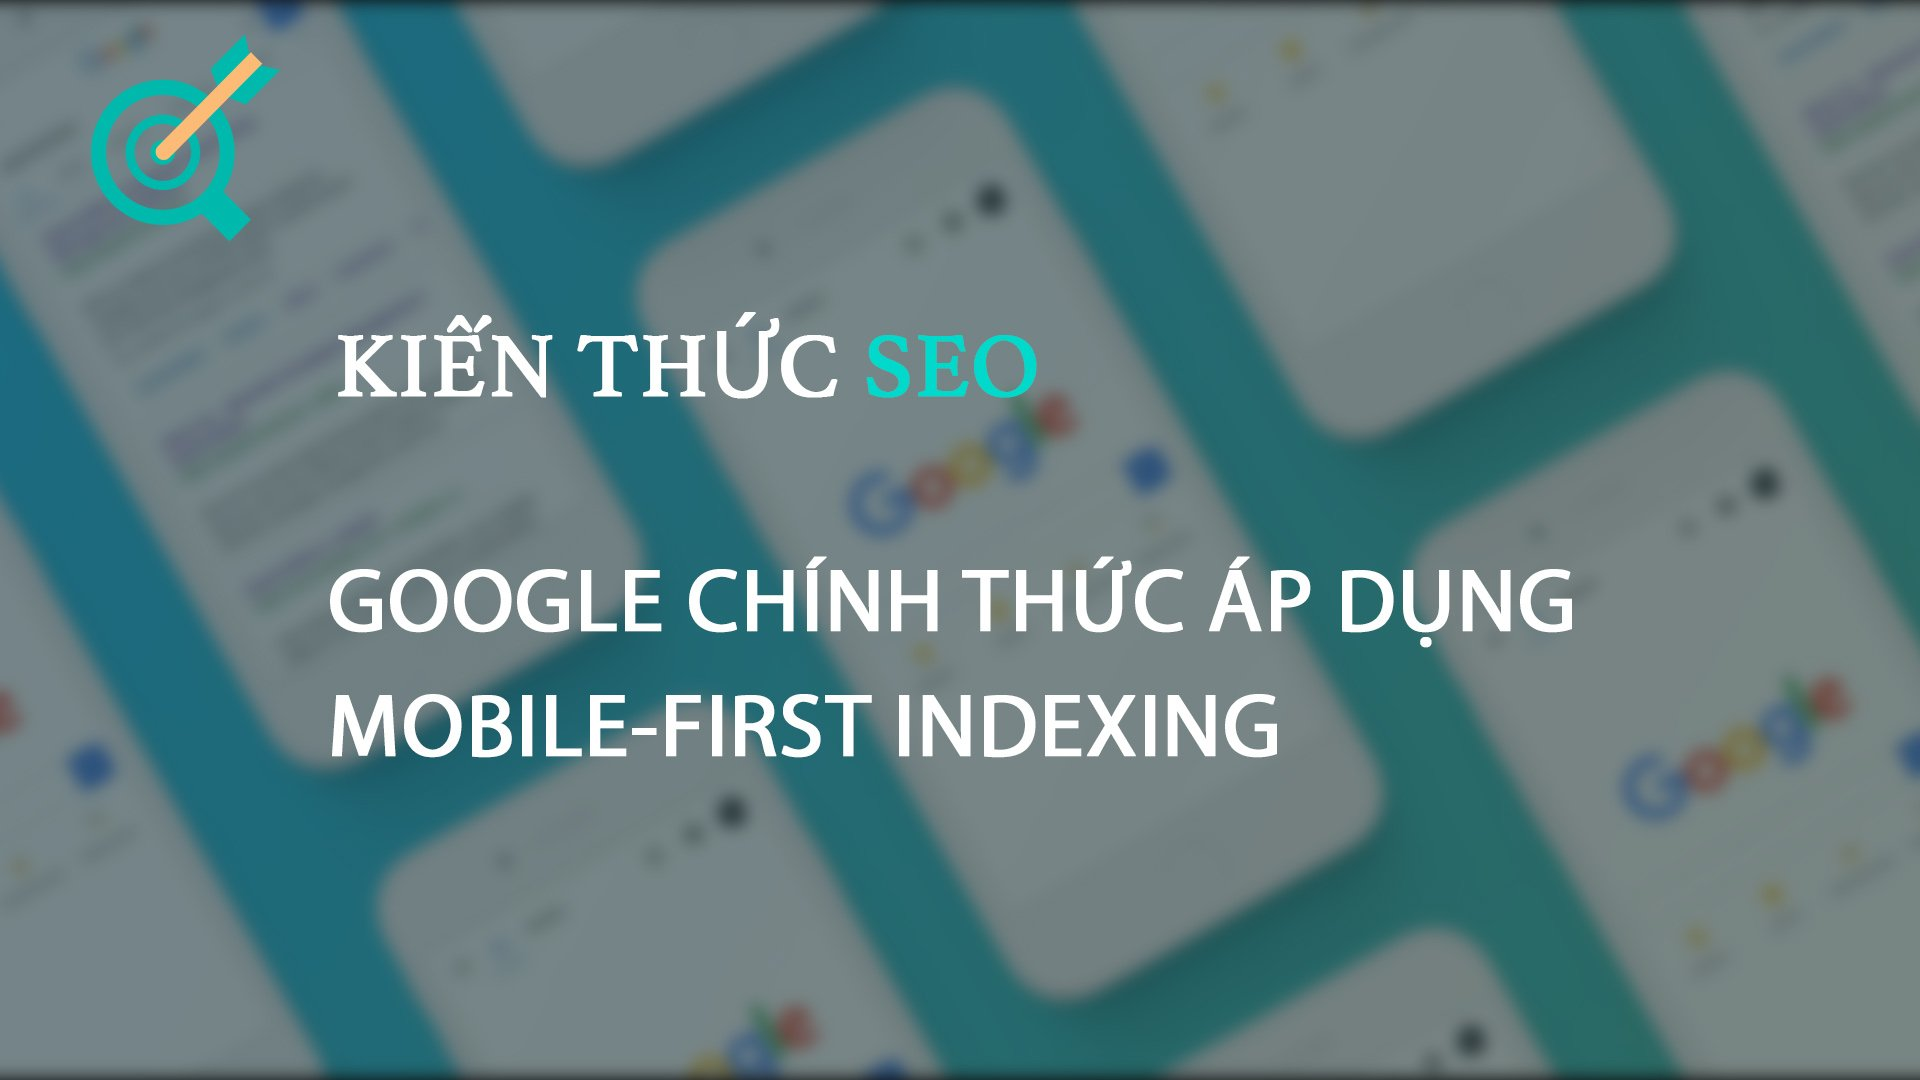 Google áp dụng chính thức Mobile First Indexing, Bạn cần làm gì?